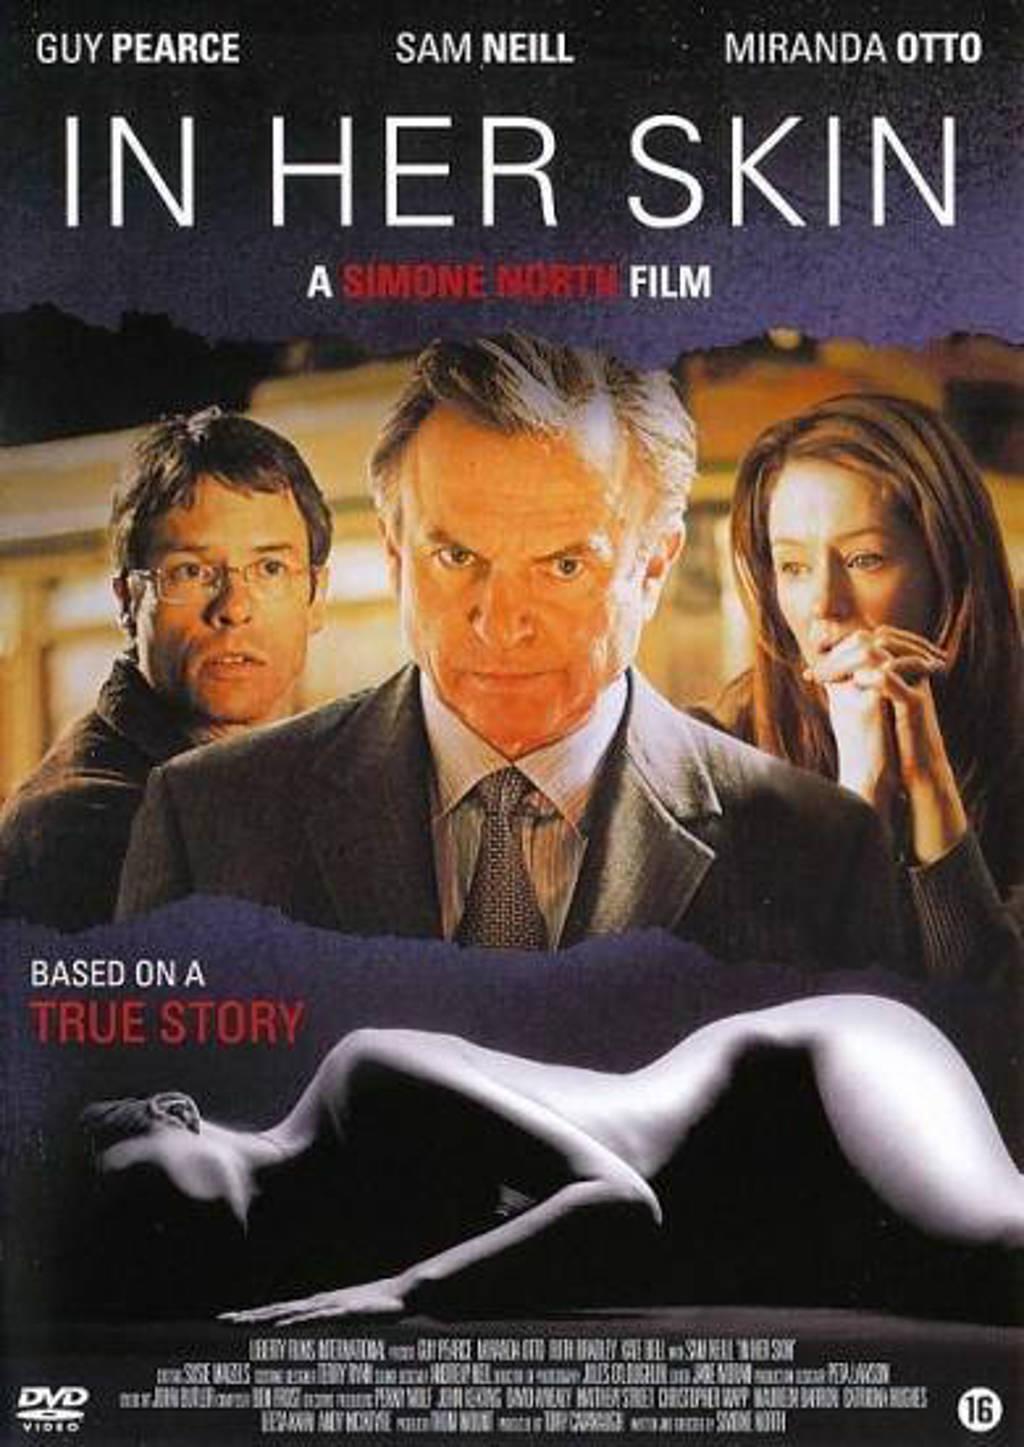 In her skin (DVD)